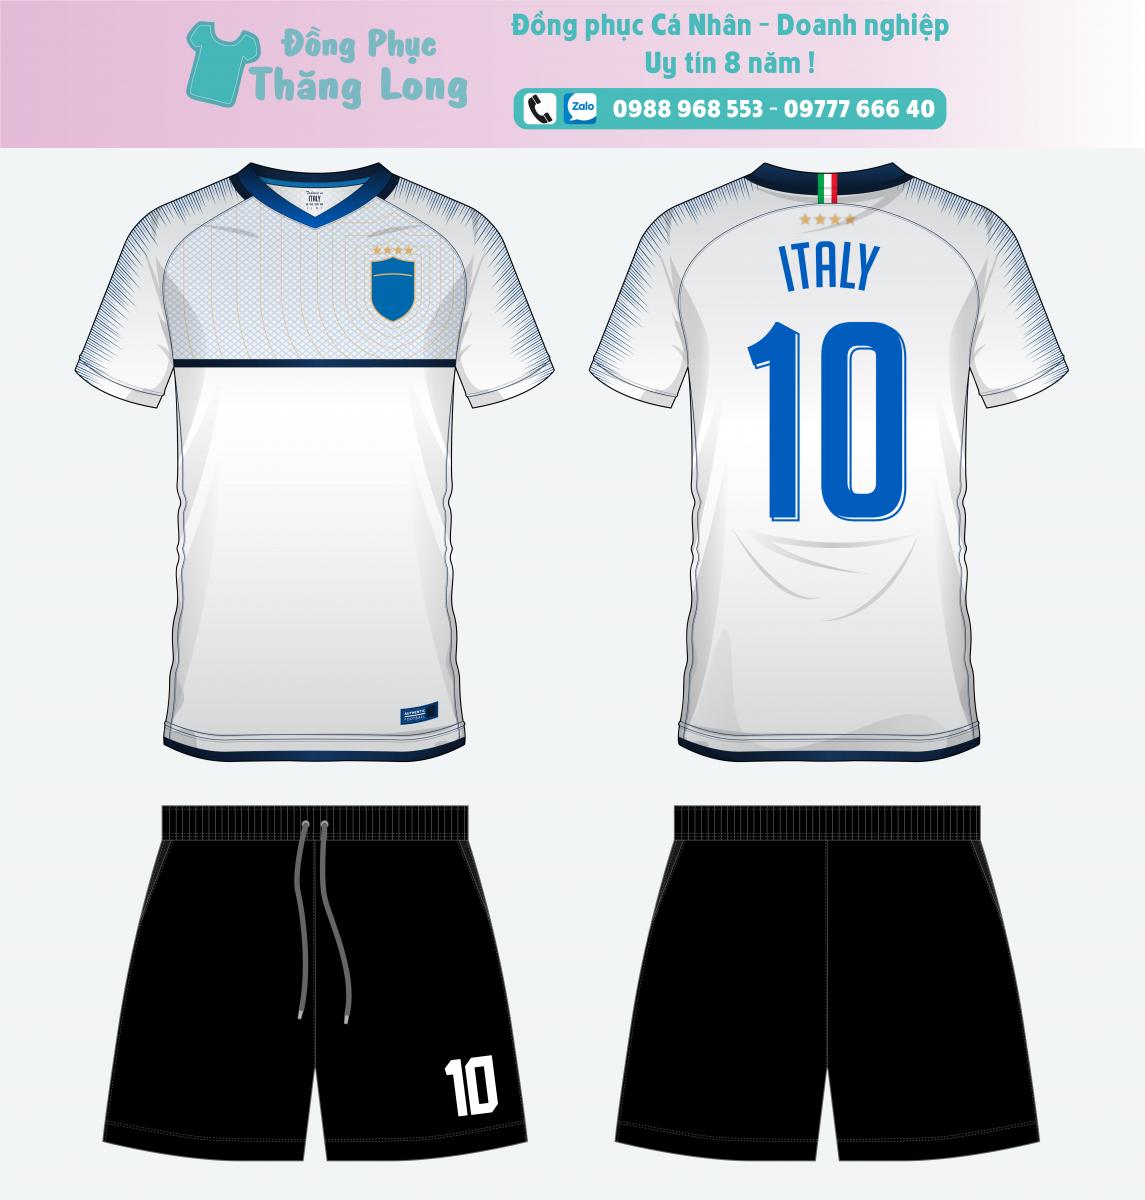 Áo bóng đá thiết kế theo yêu cầu mã số 0009